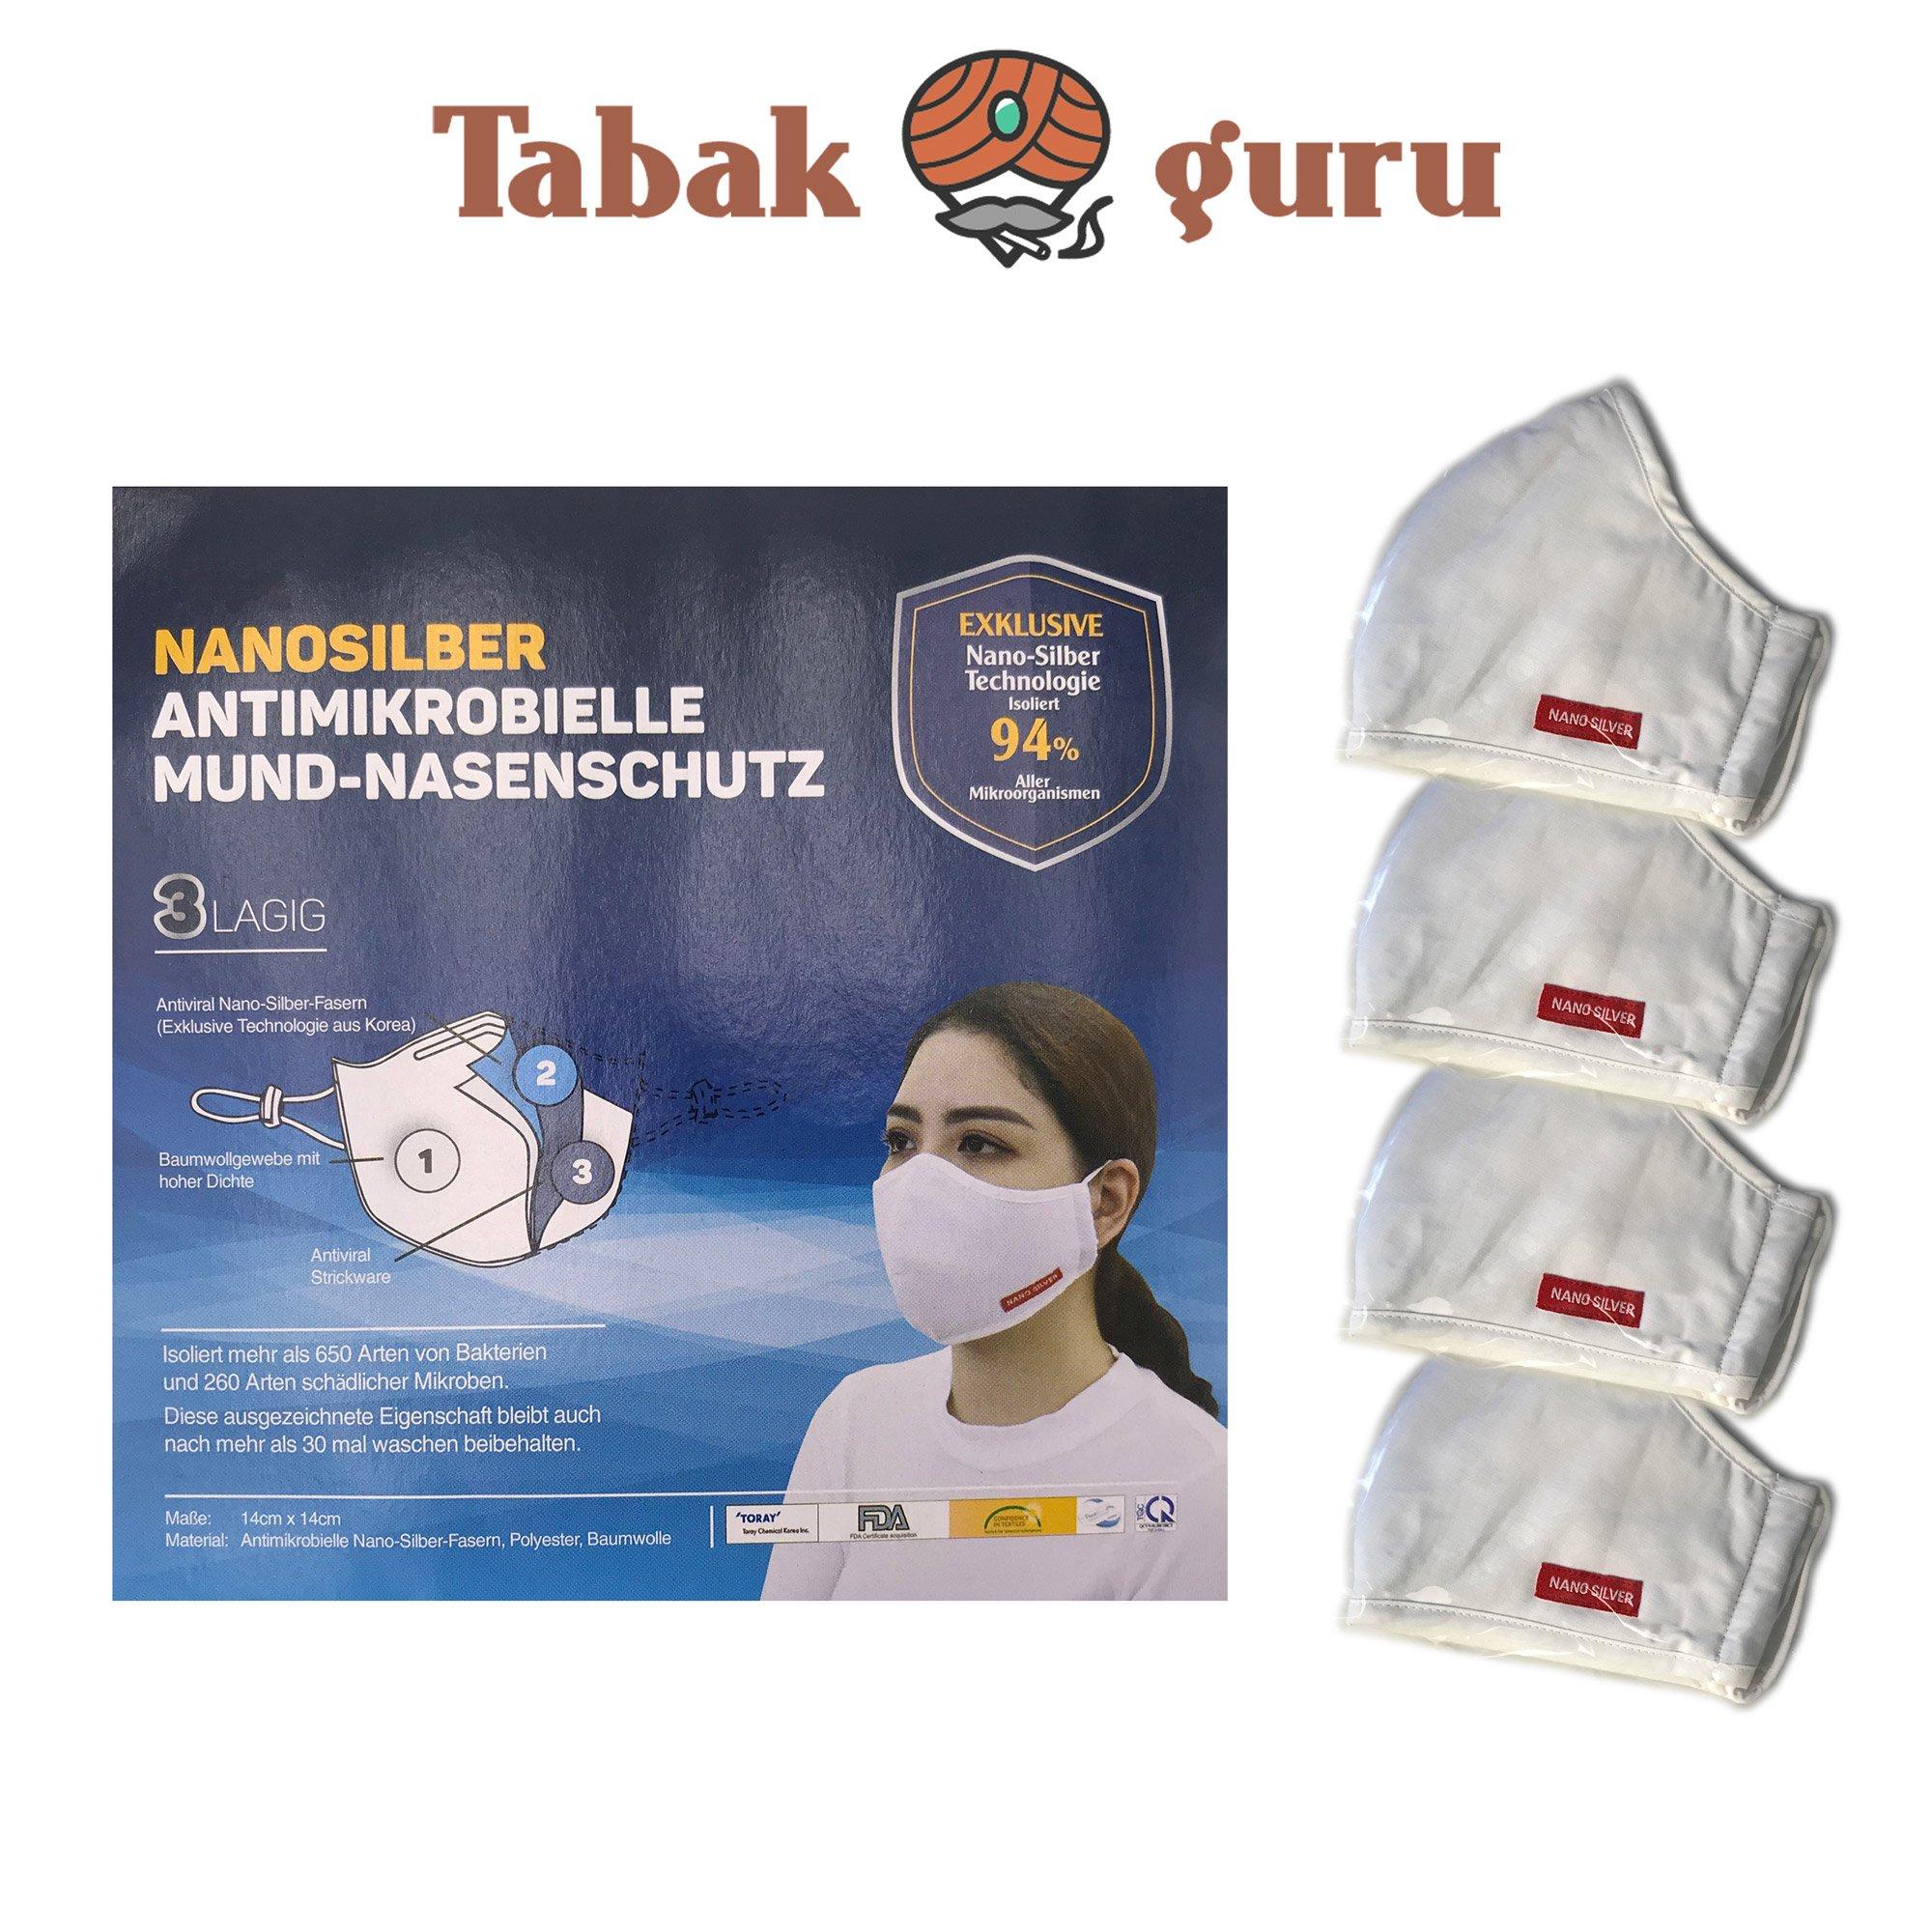 4 x Atemschutzmaske waschbar, Mund-Nasenschutz, Nanosilber, Antimikrobiell, 3lagig, waschbar